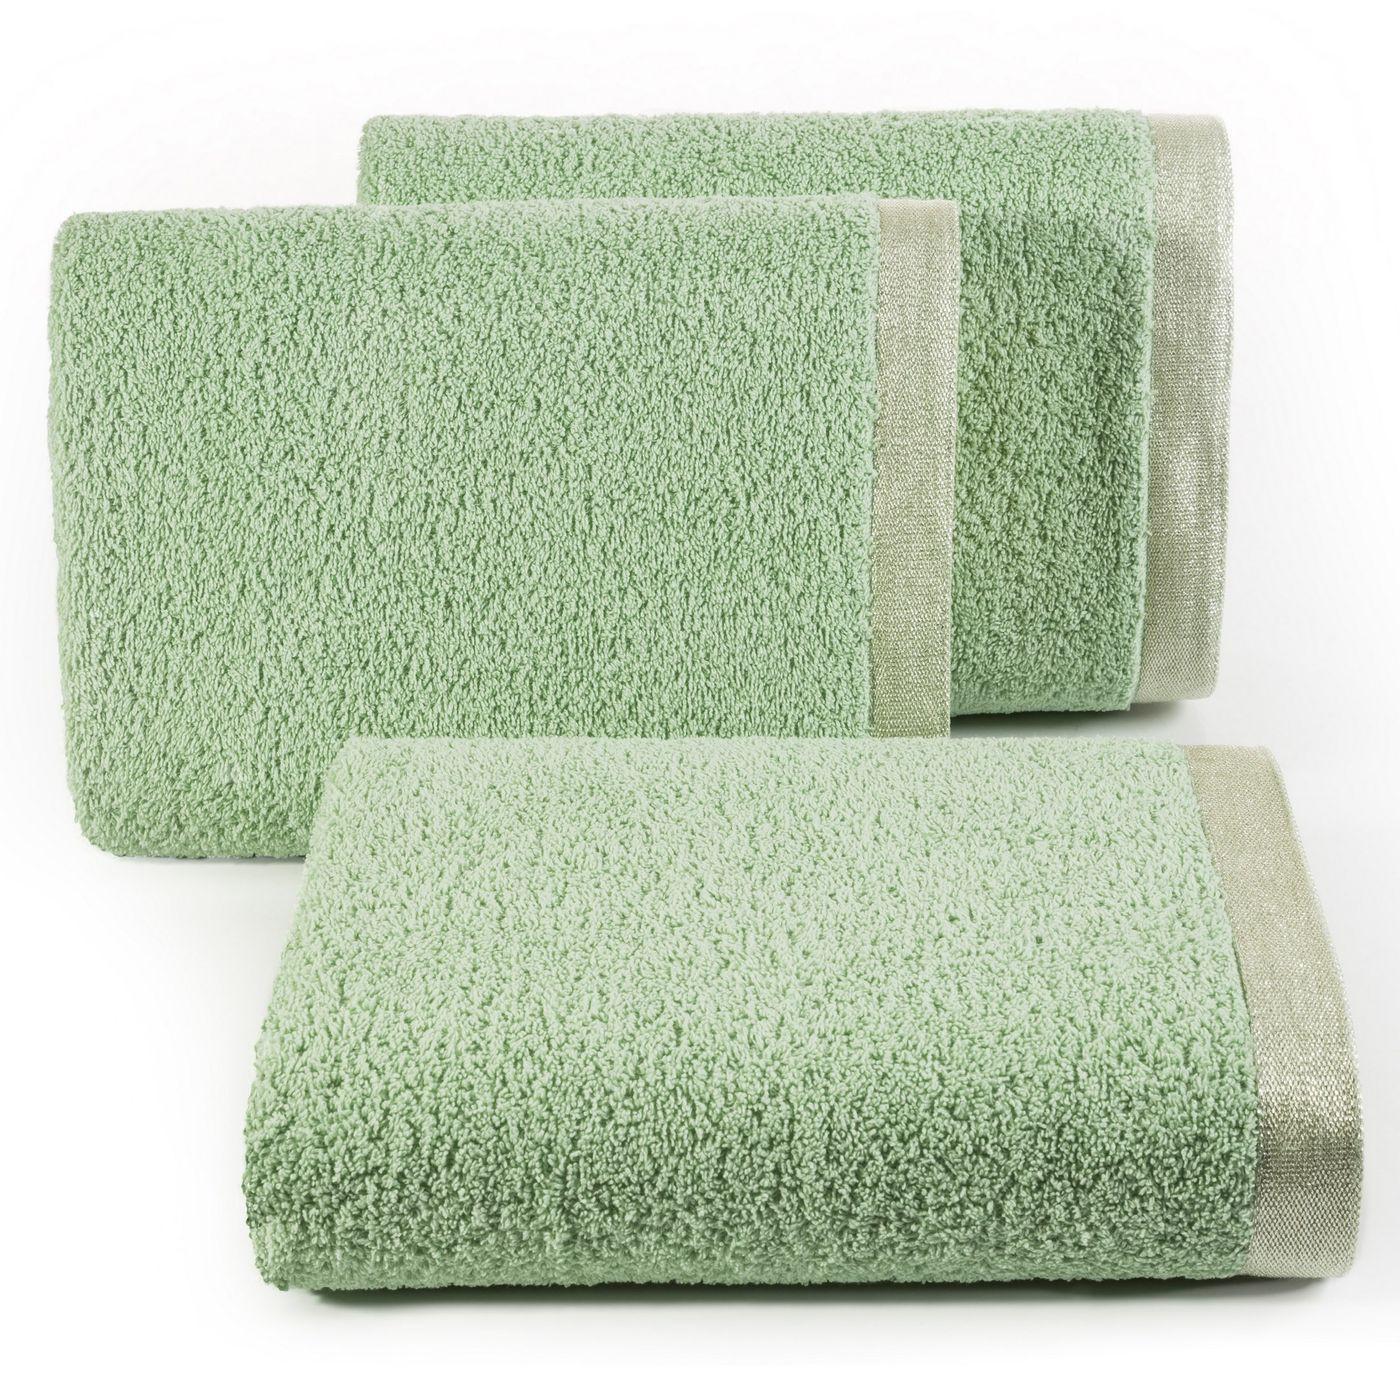 Ręcznik z bawełny z błyszczącym brzegiem 70x140cm miętowy